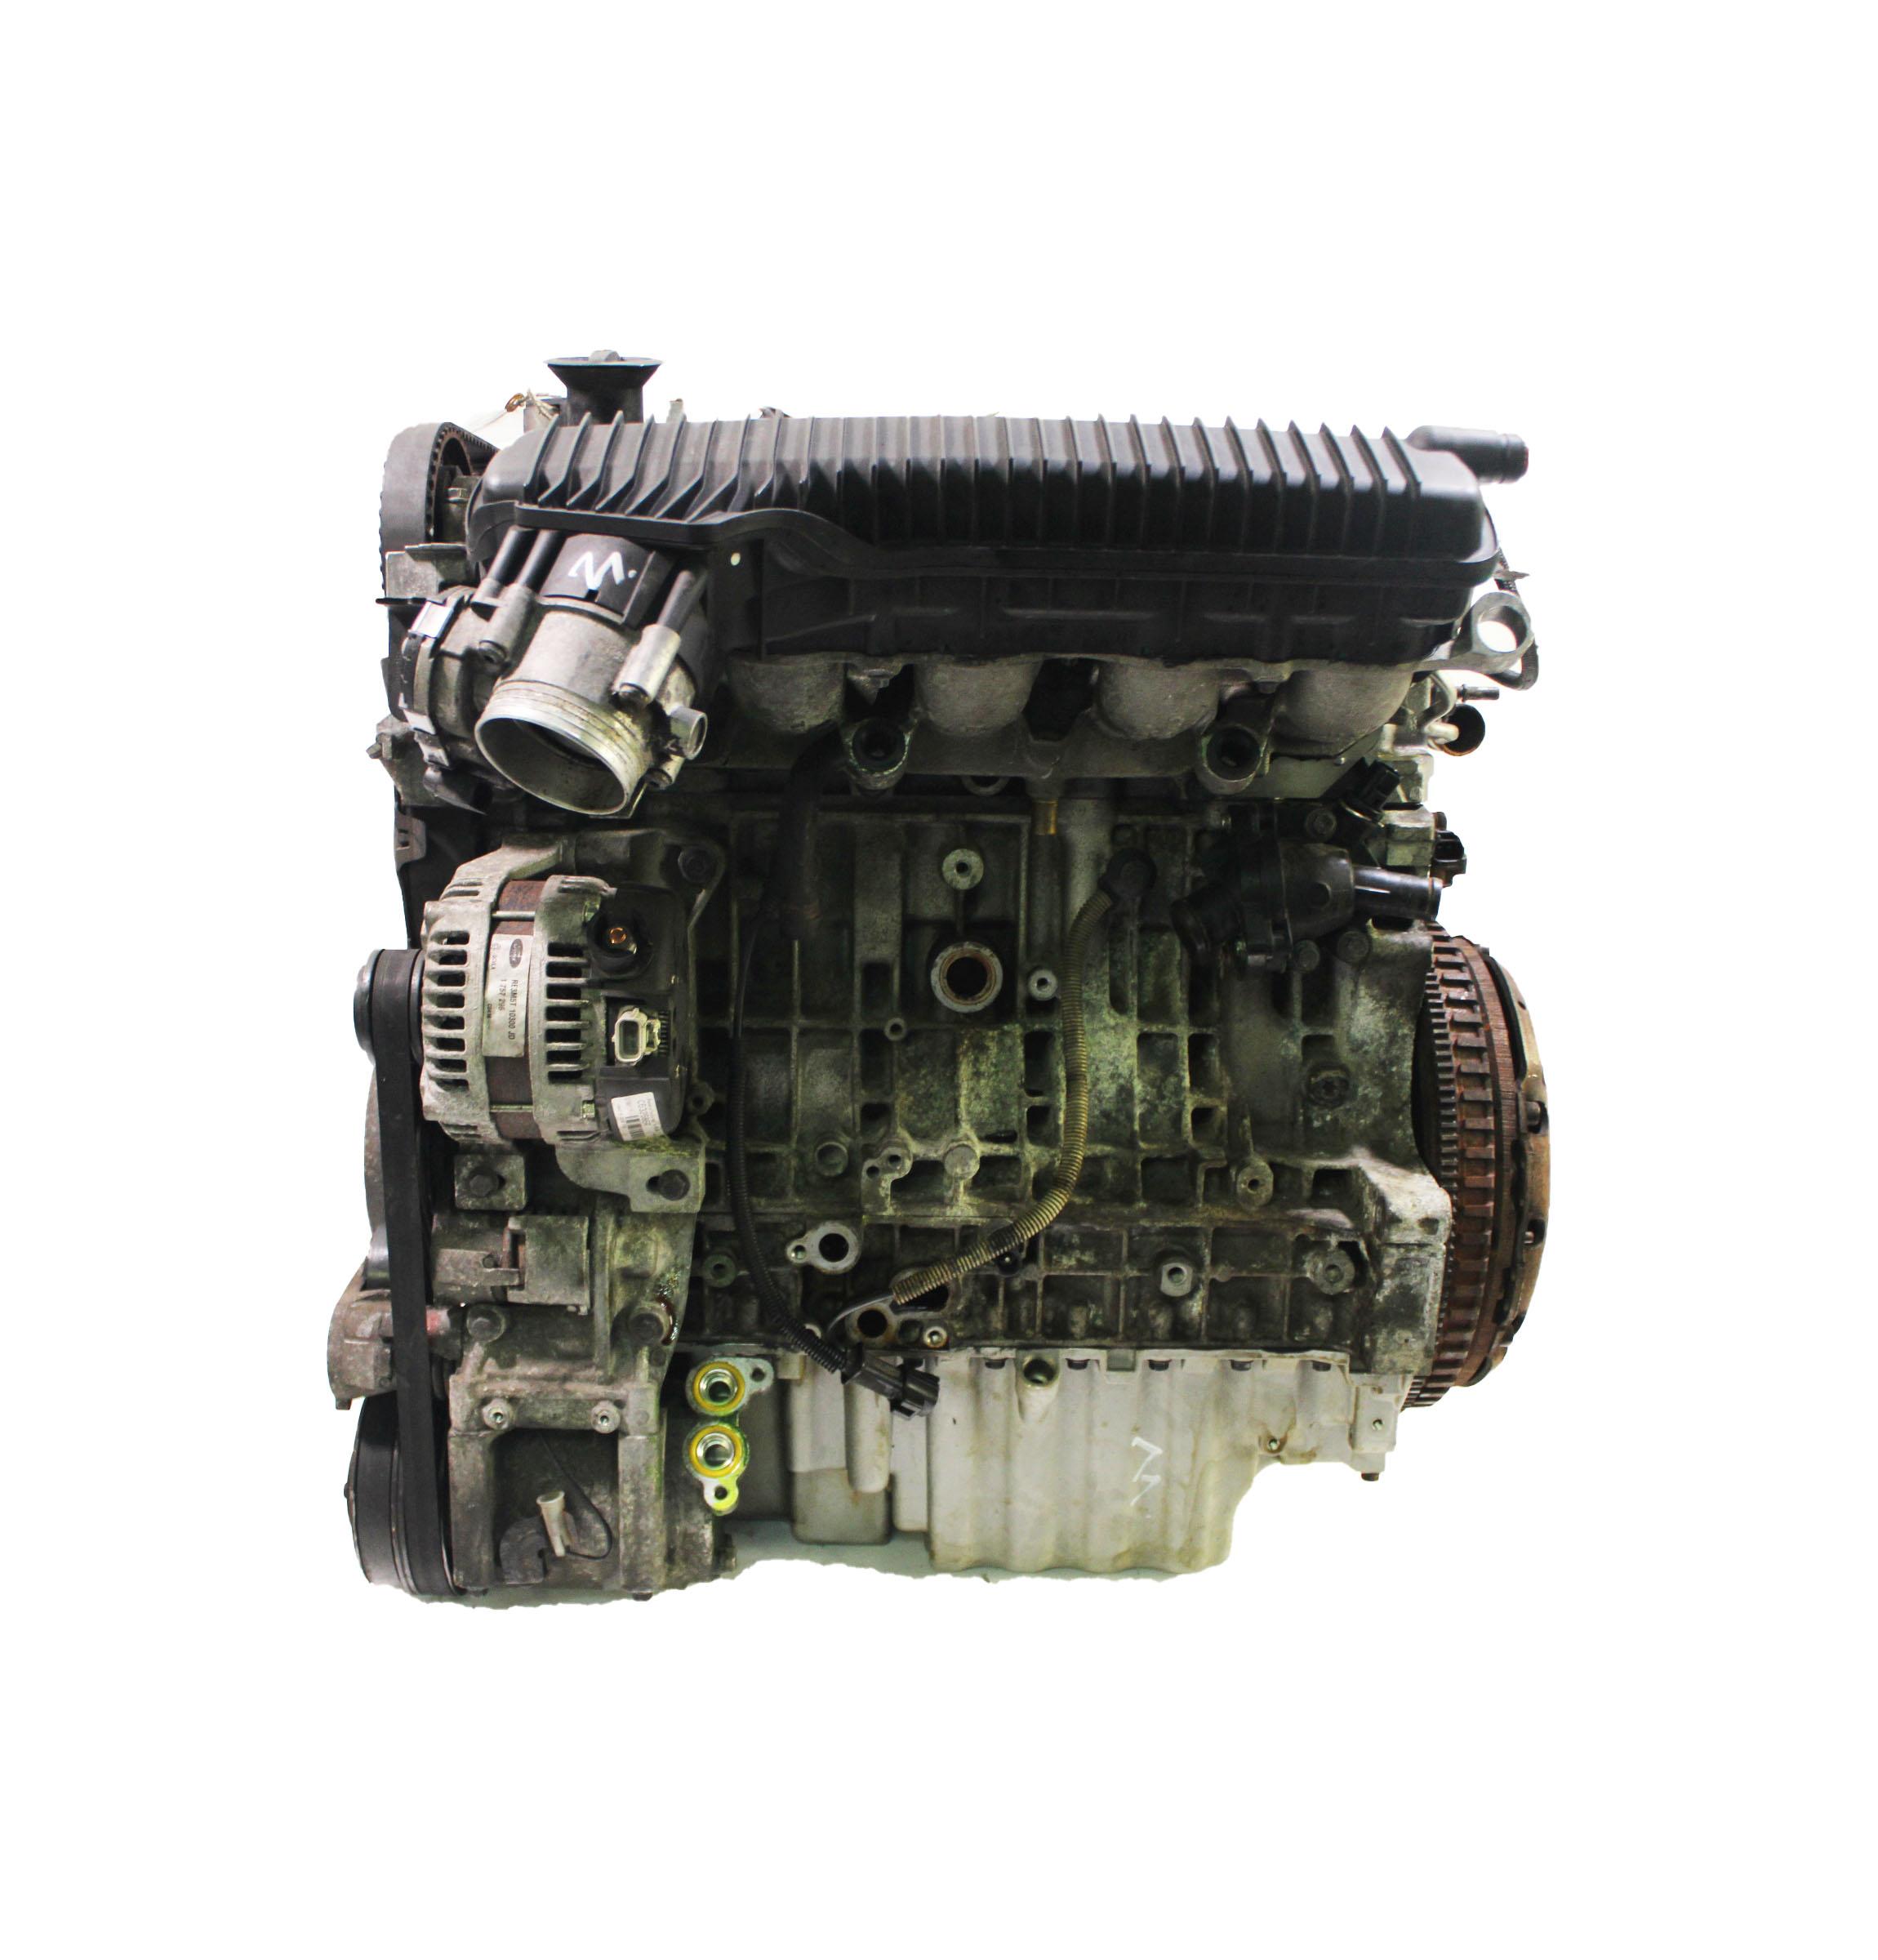 Motor für Ford Focus MK2 II DA 2,5 ST Benzin HYDA 225 PS 166 KW